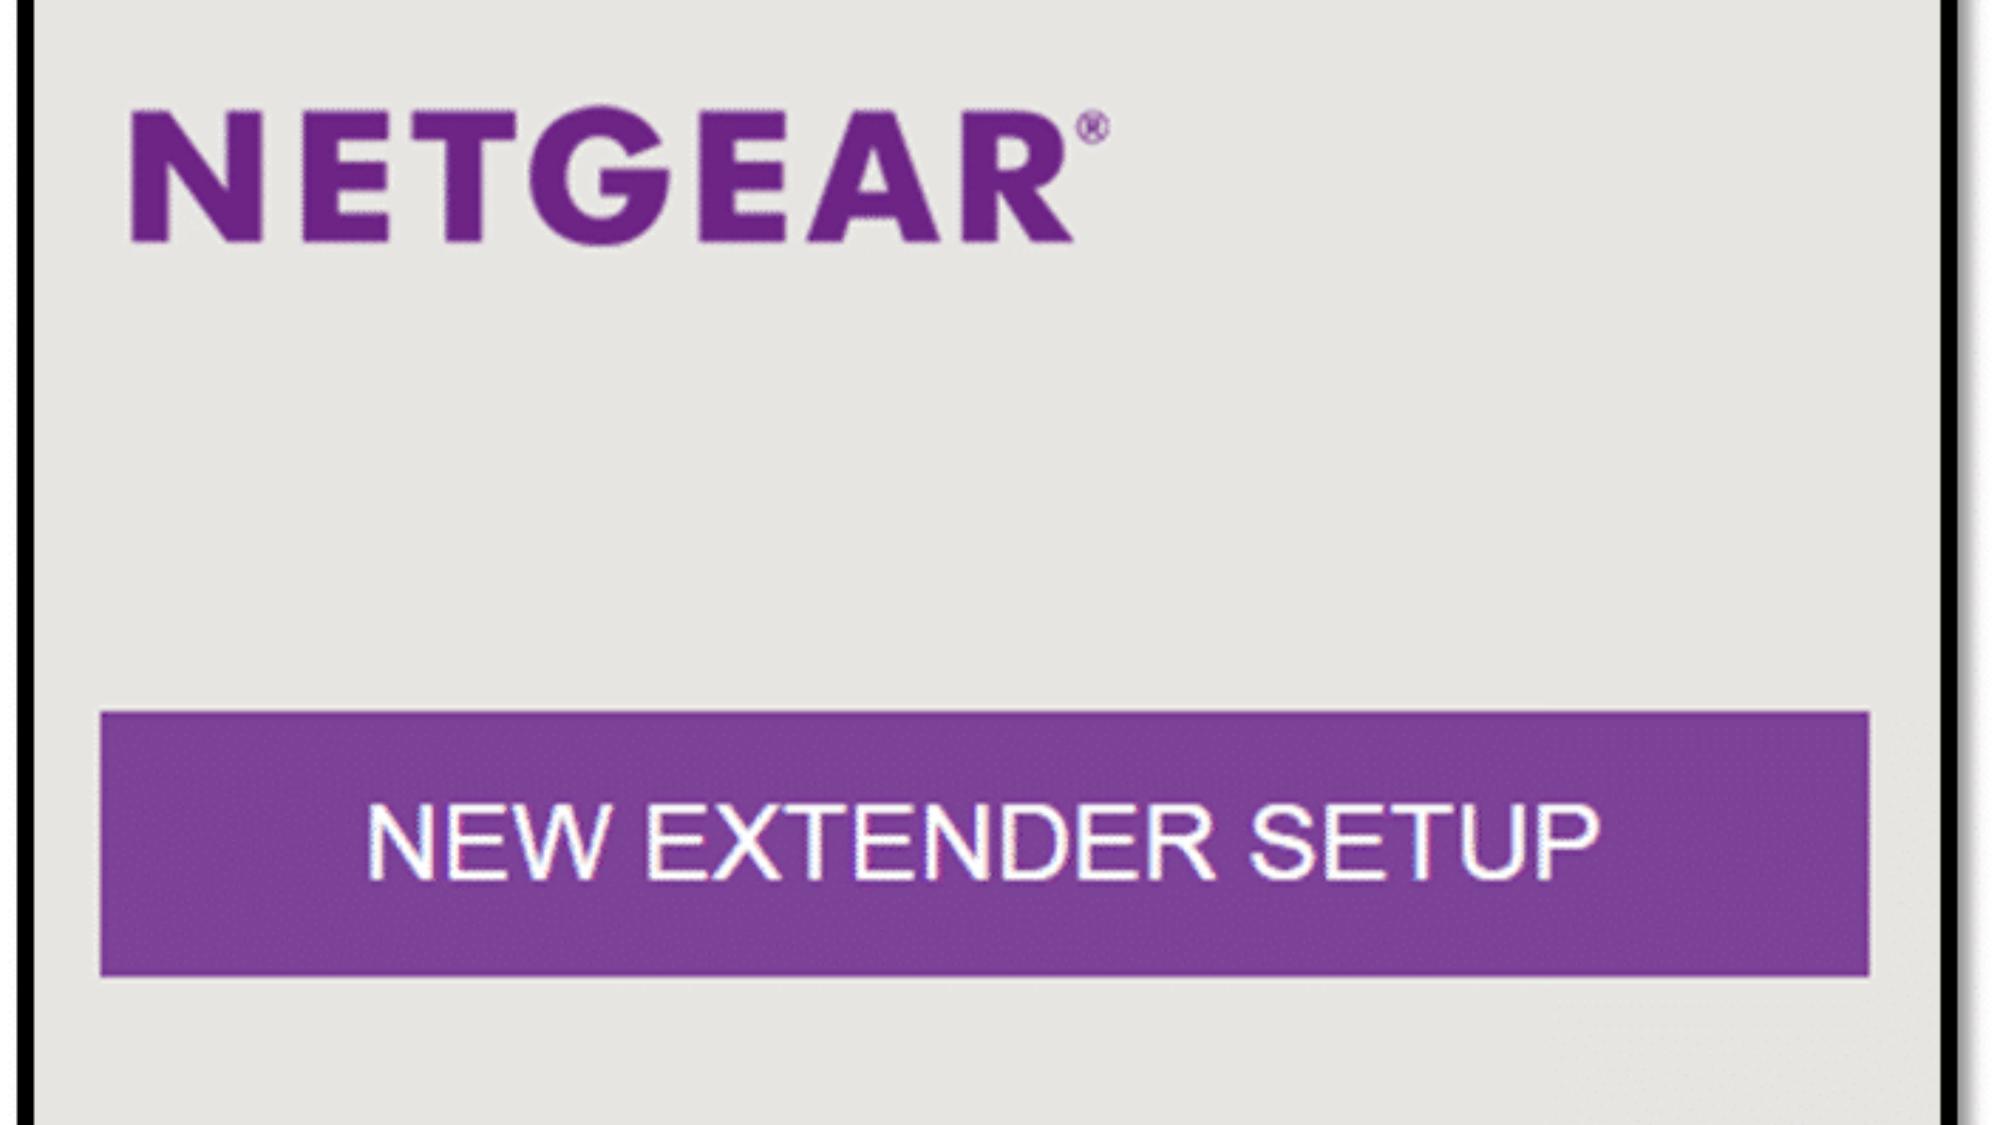 new extender setup